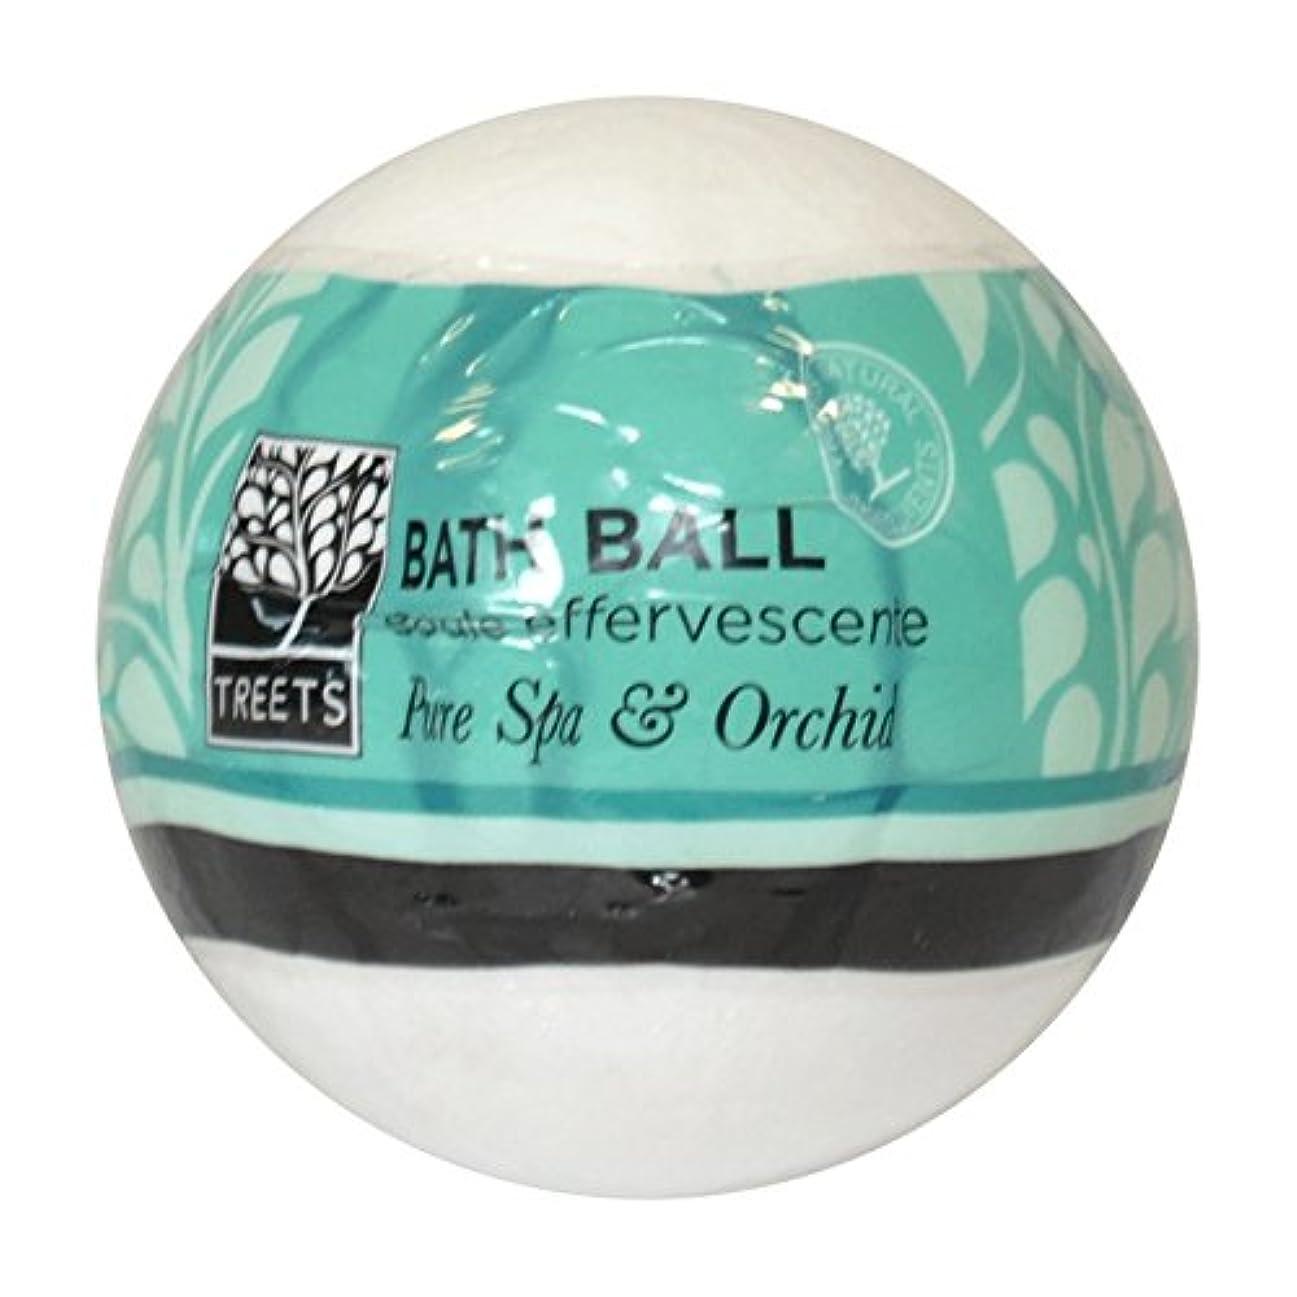 寛容なフィルタ比類なきTreets蘭&純粋なスパバスボール - Treets Orchid & Pure Spa Bath Ball (Treets) [並行輸入品]